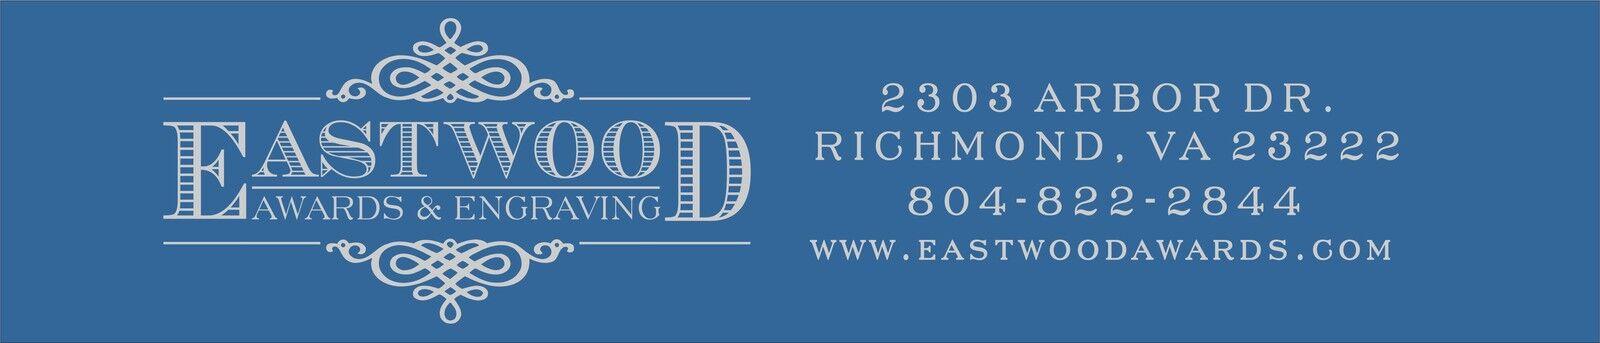 Eastwood Awards & Engraving